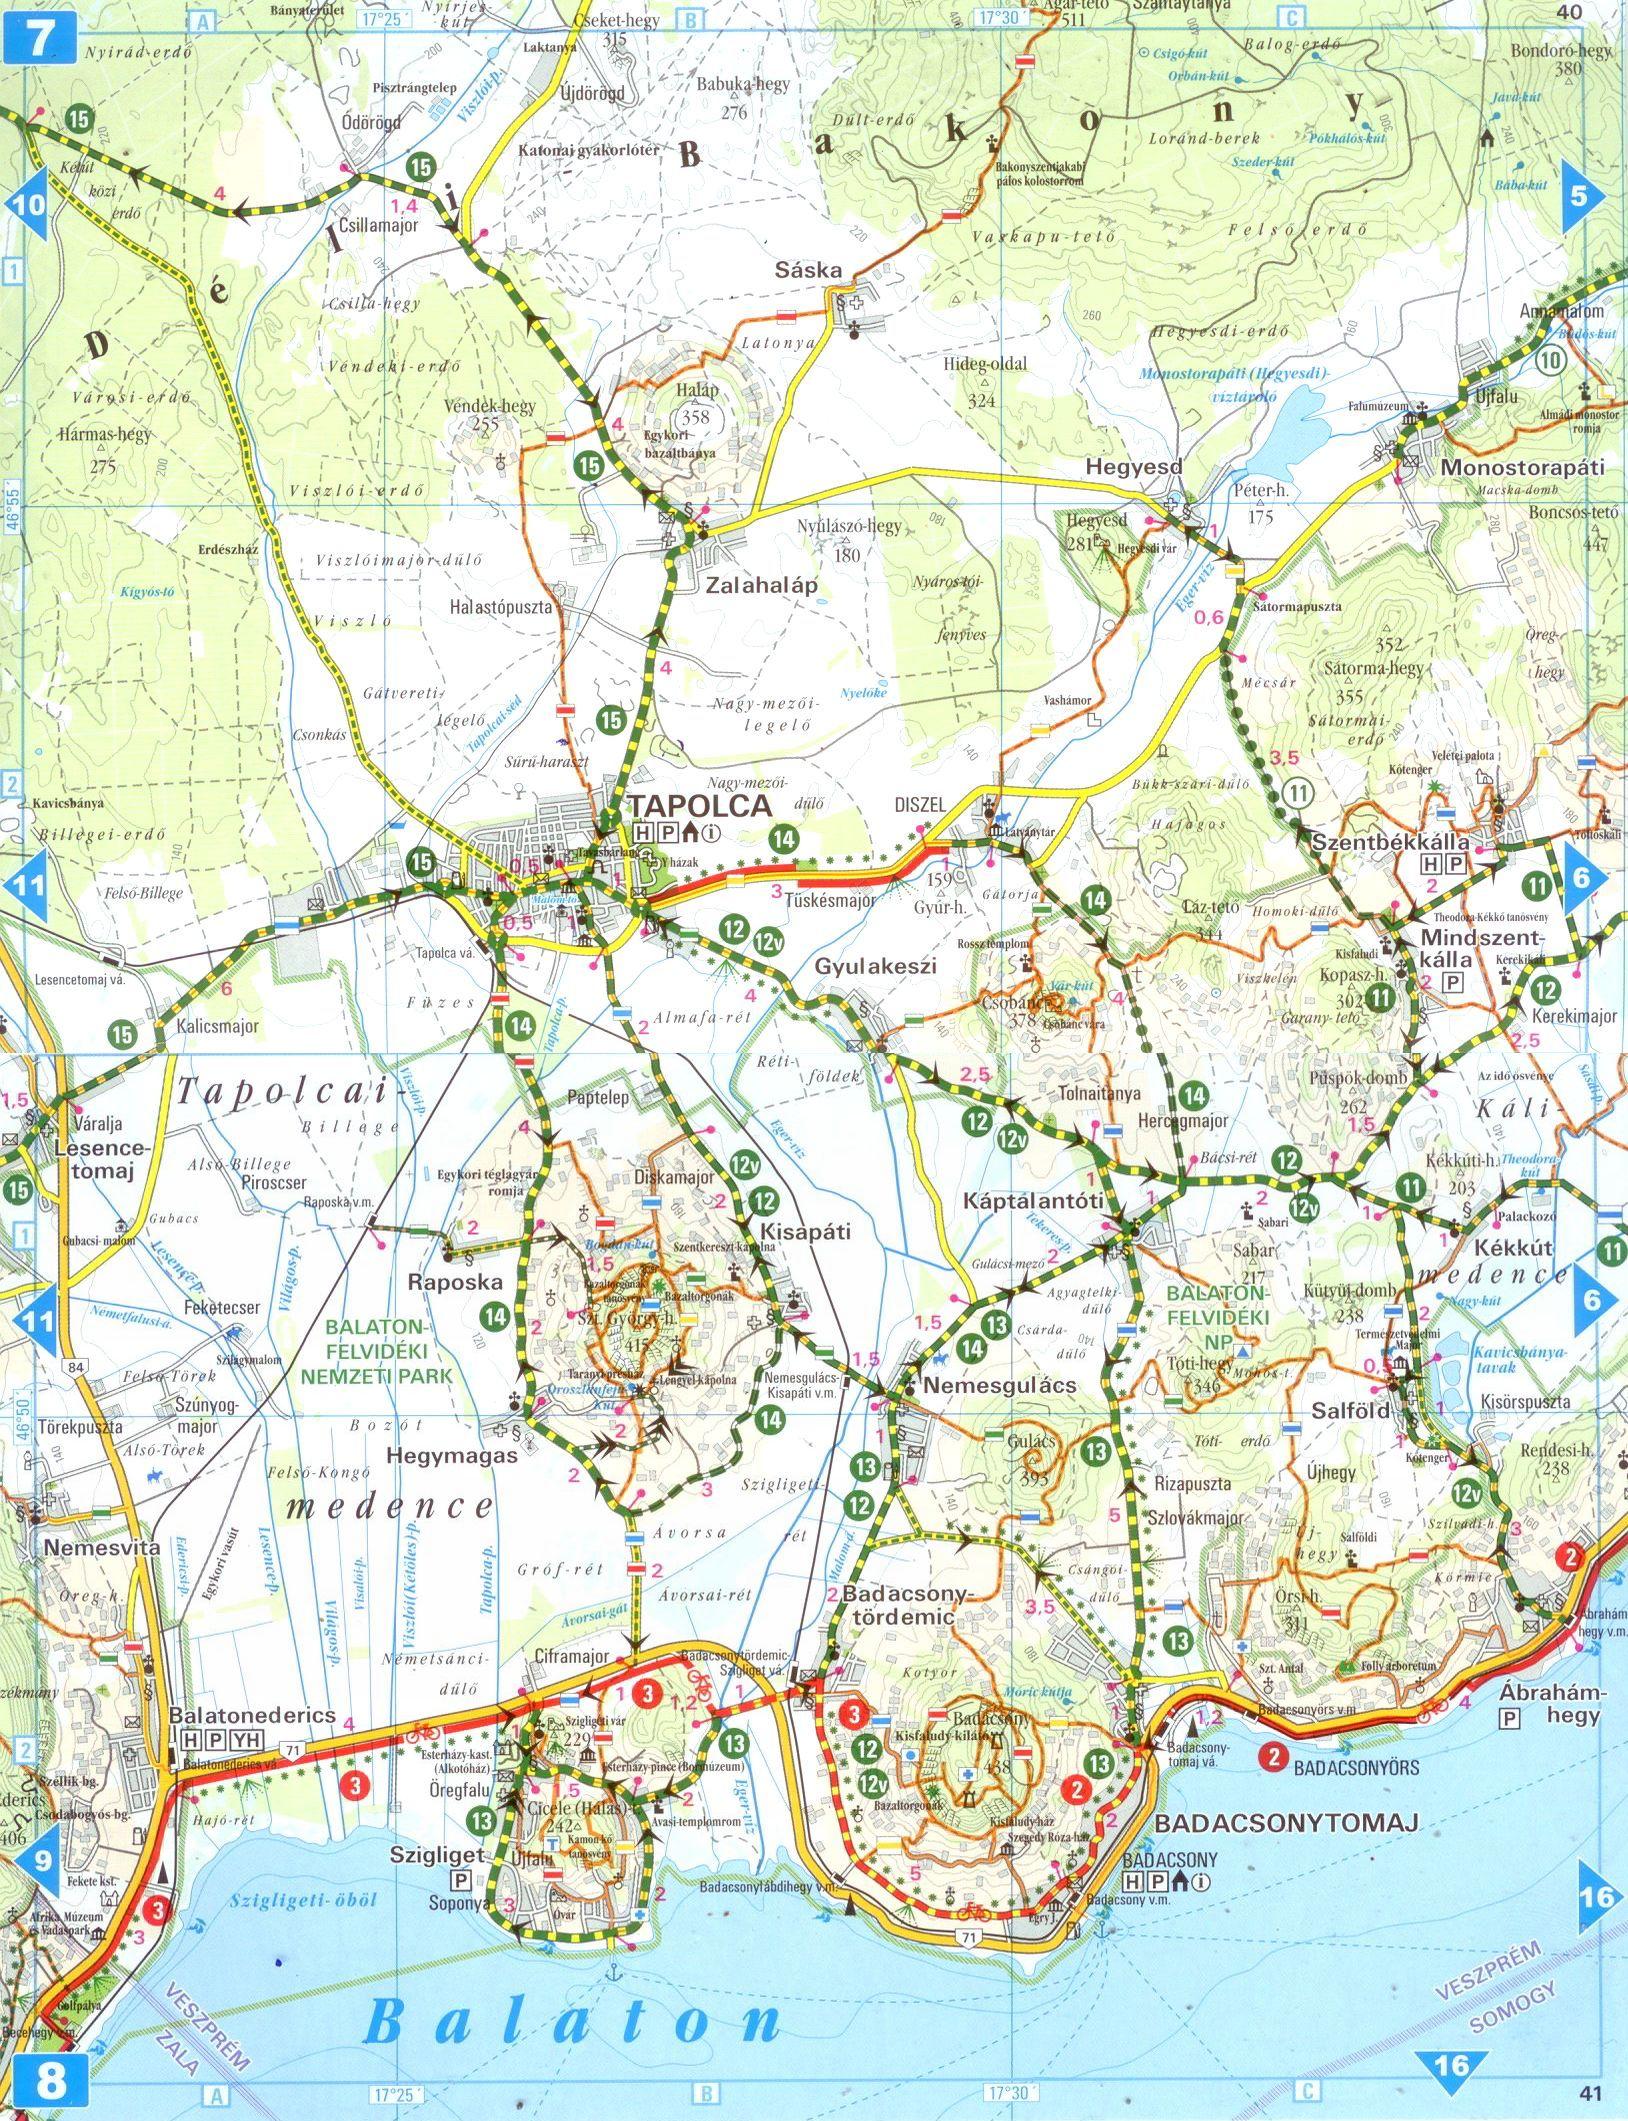 Balaton biciklis atlasz mintatérkép 1:80.000